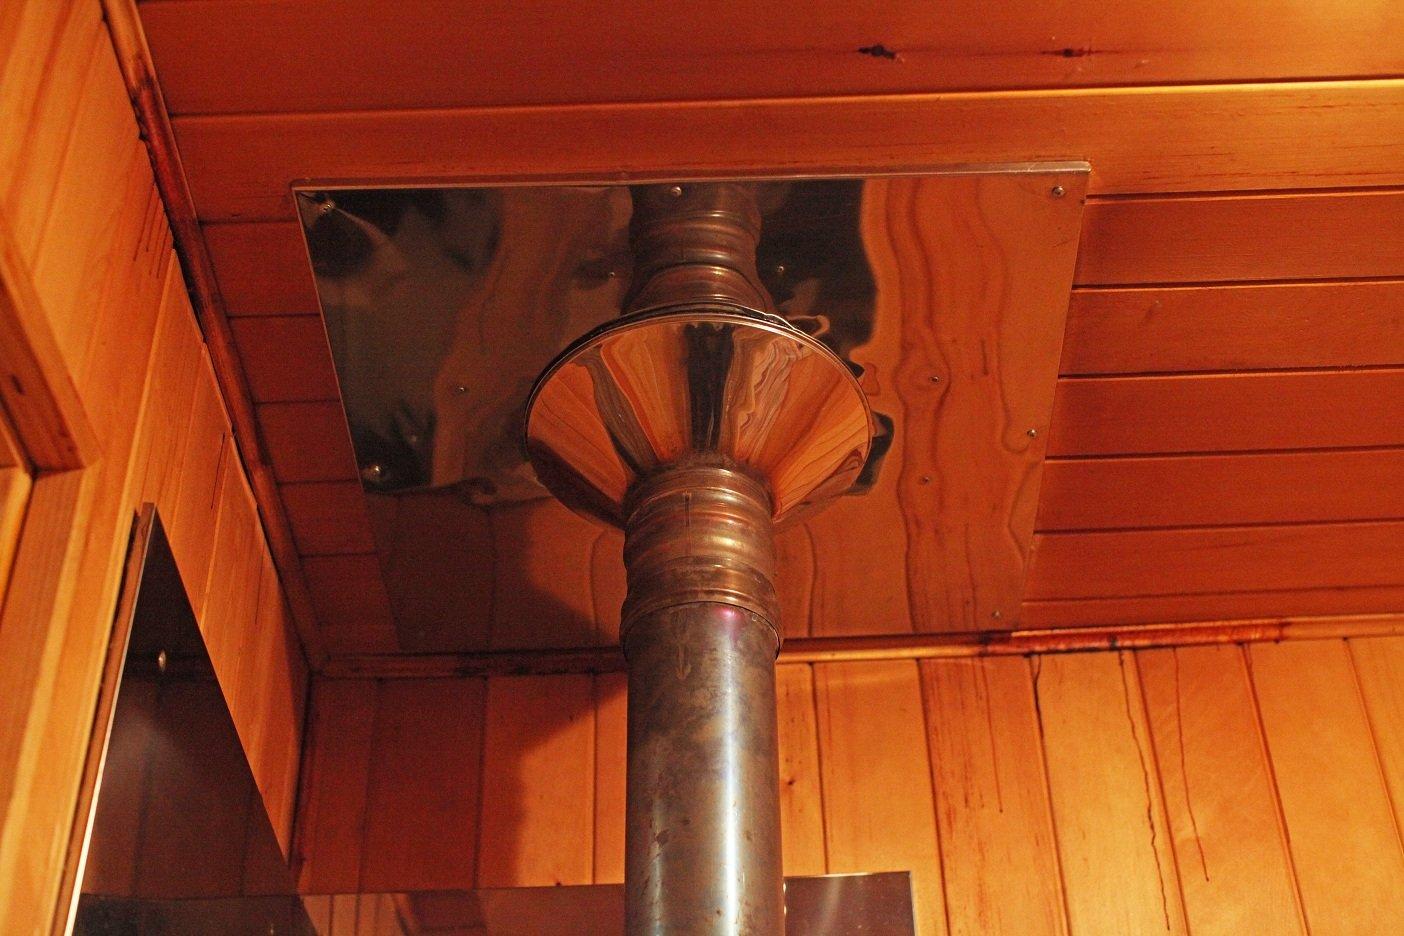 Труба для бани: как правильно сделать железный дымоход, какой должен быть диаметр изделия